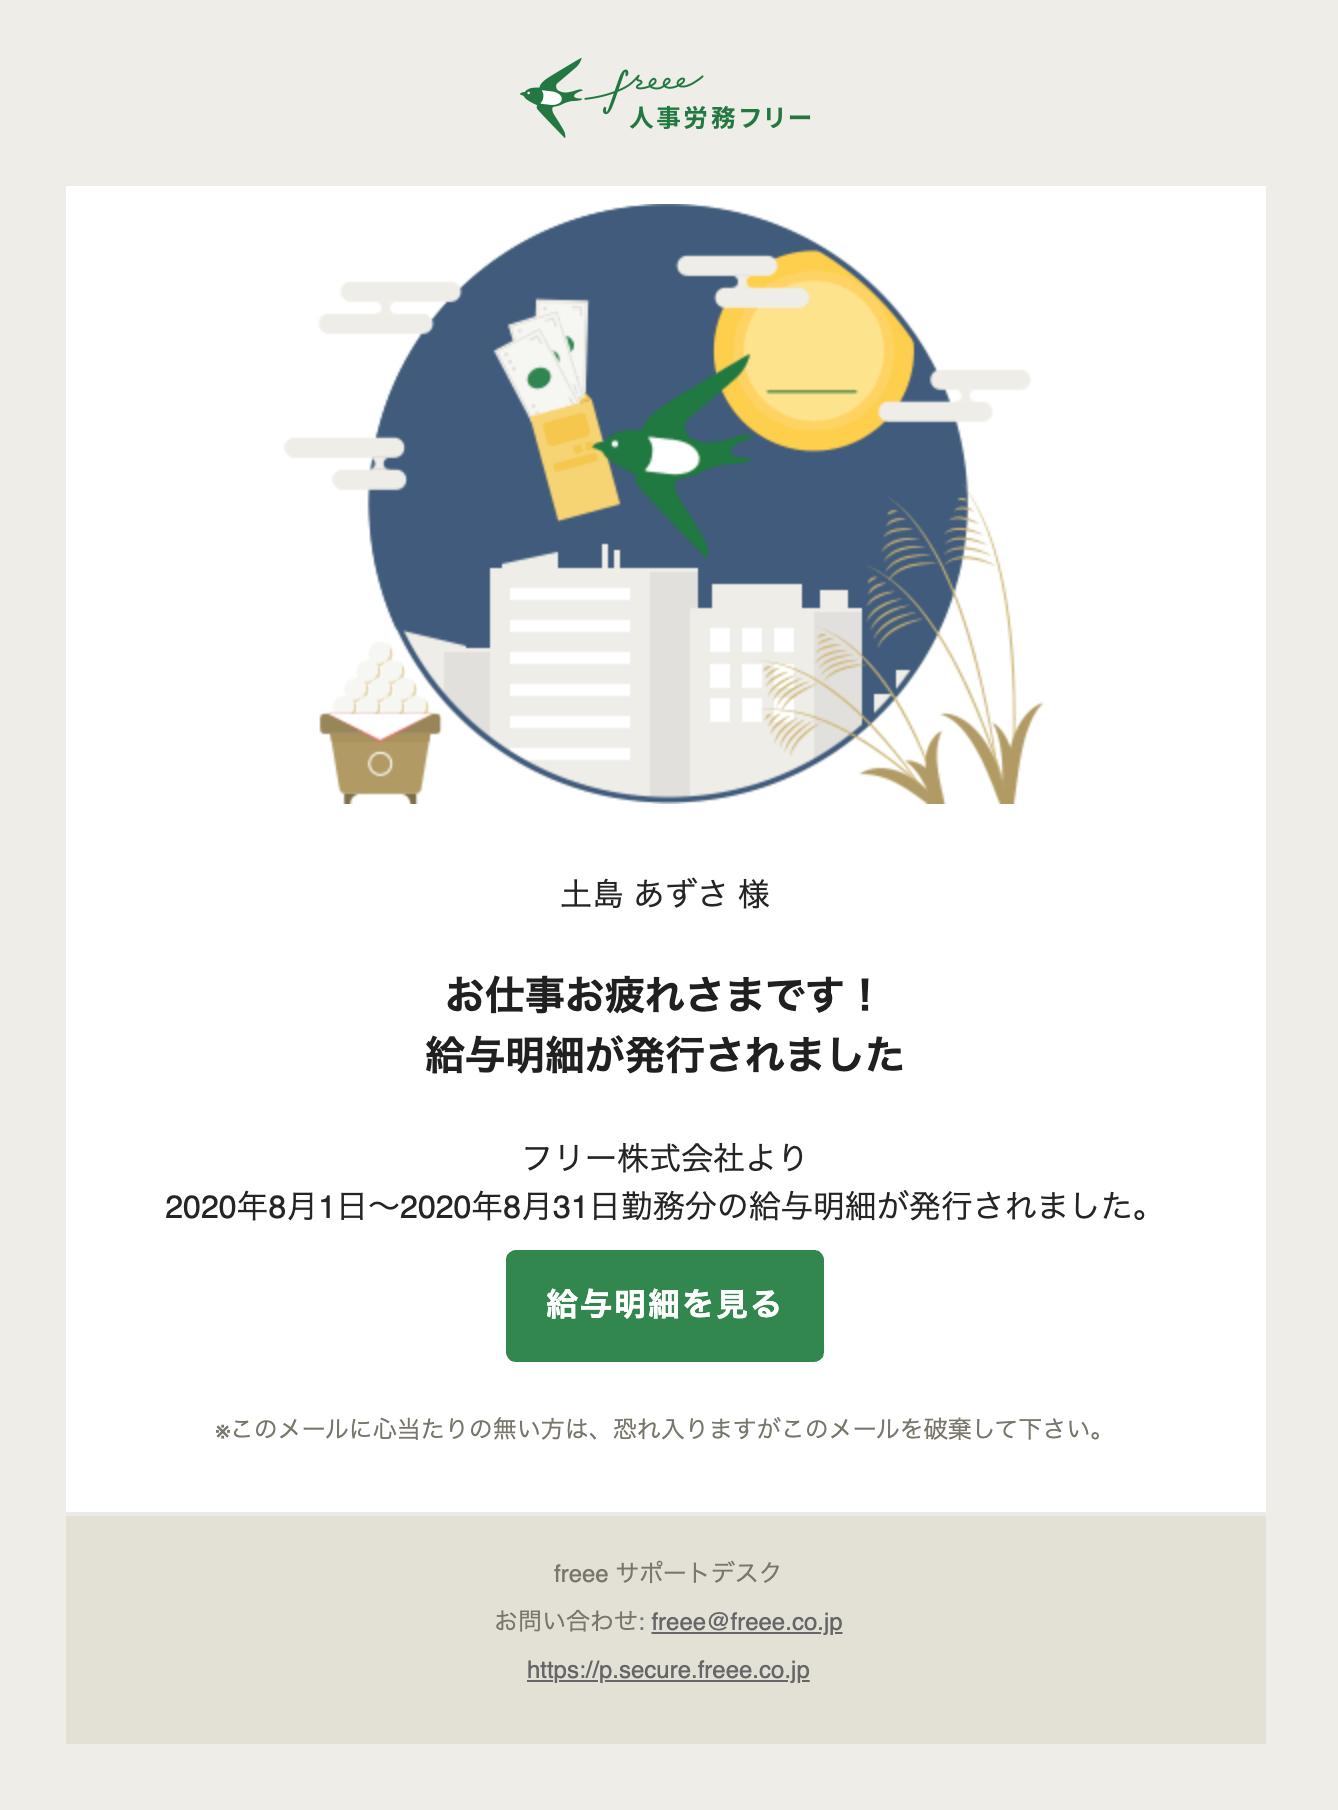 メールイメージ